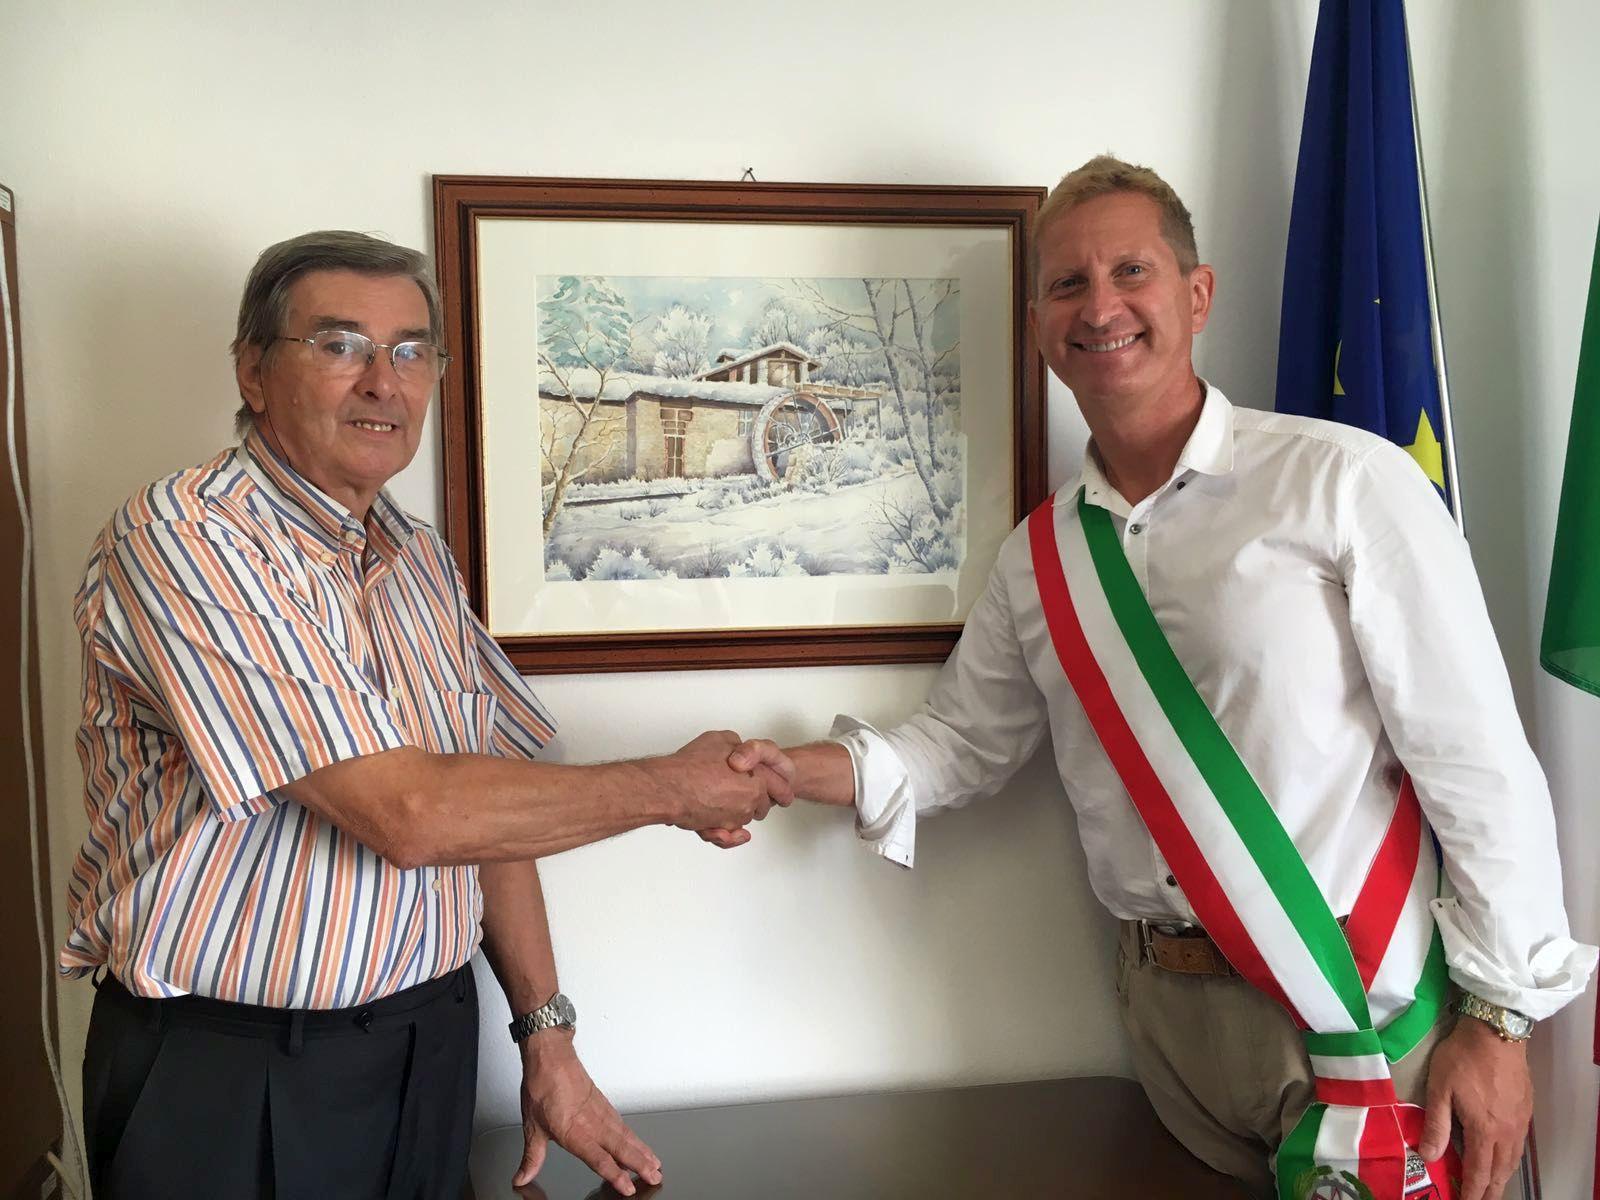 Omaggio di Alessandro Borghi al comune di Cocquio Trevisago  Menta e Rosmarino